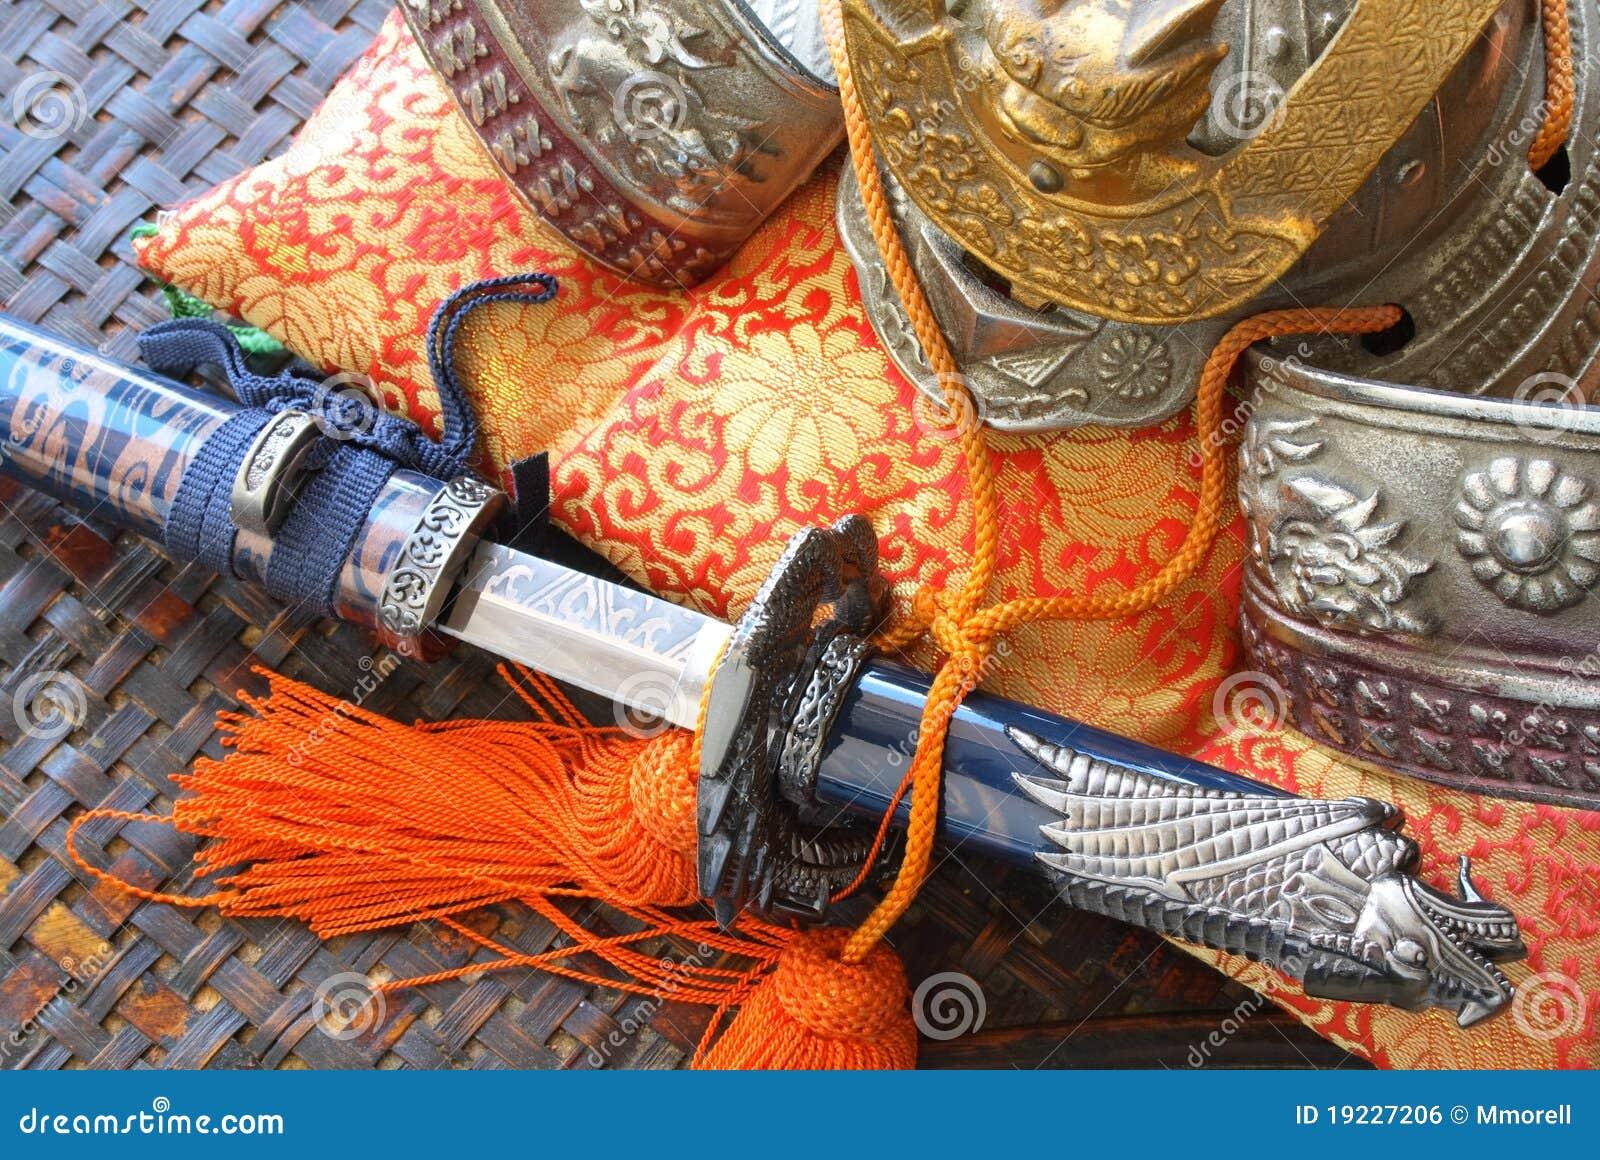 Casco e spada del samurai